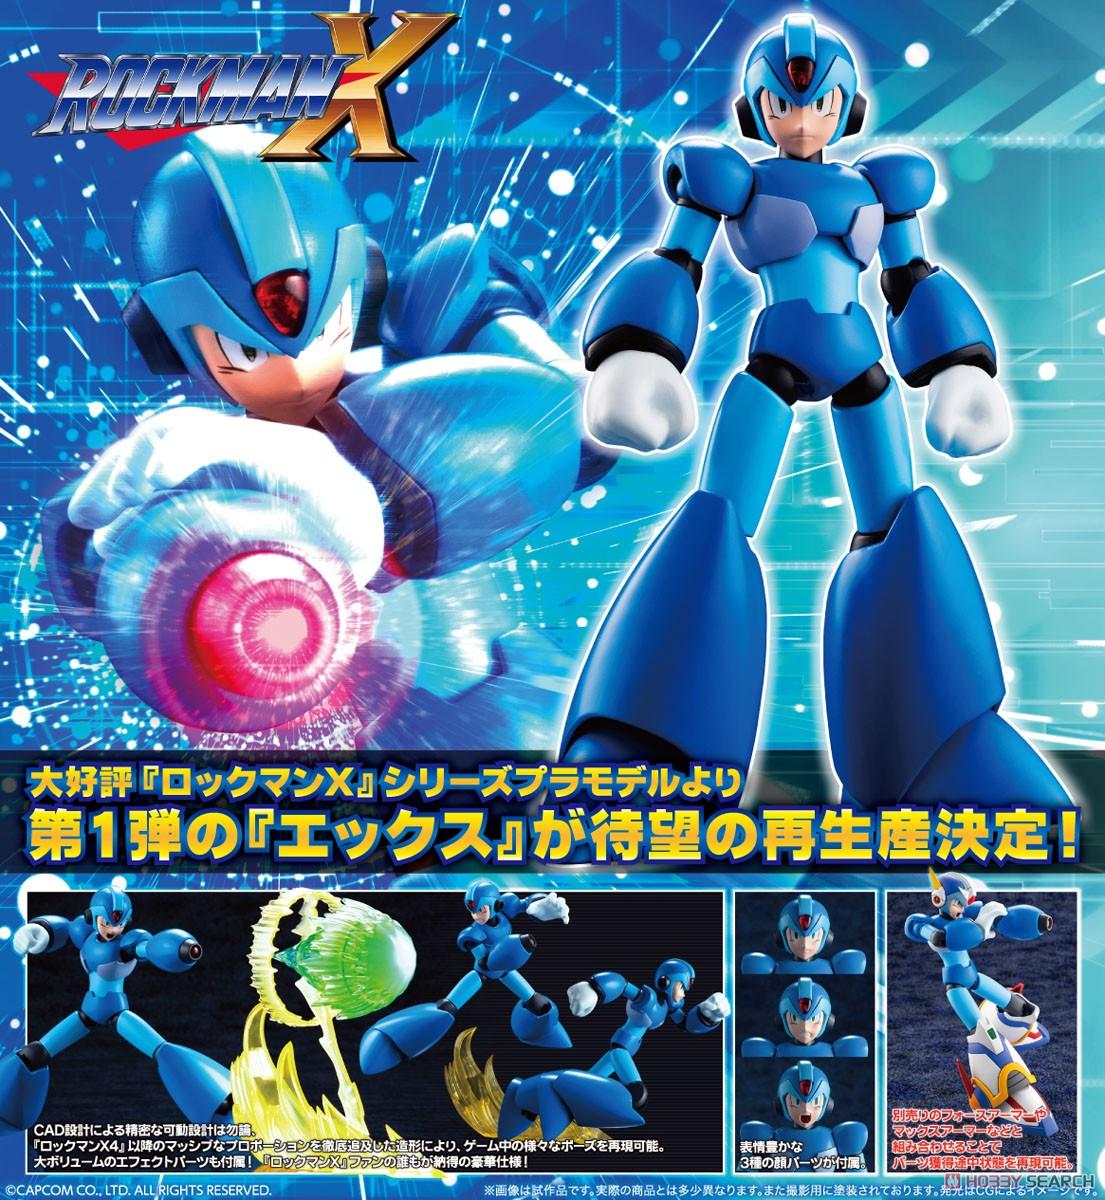 【再販】ロックマンX『エックス』1/12 プラモデル-018